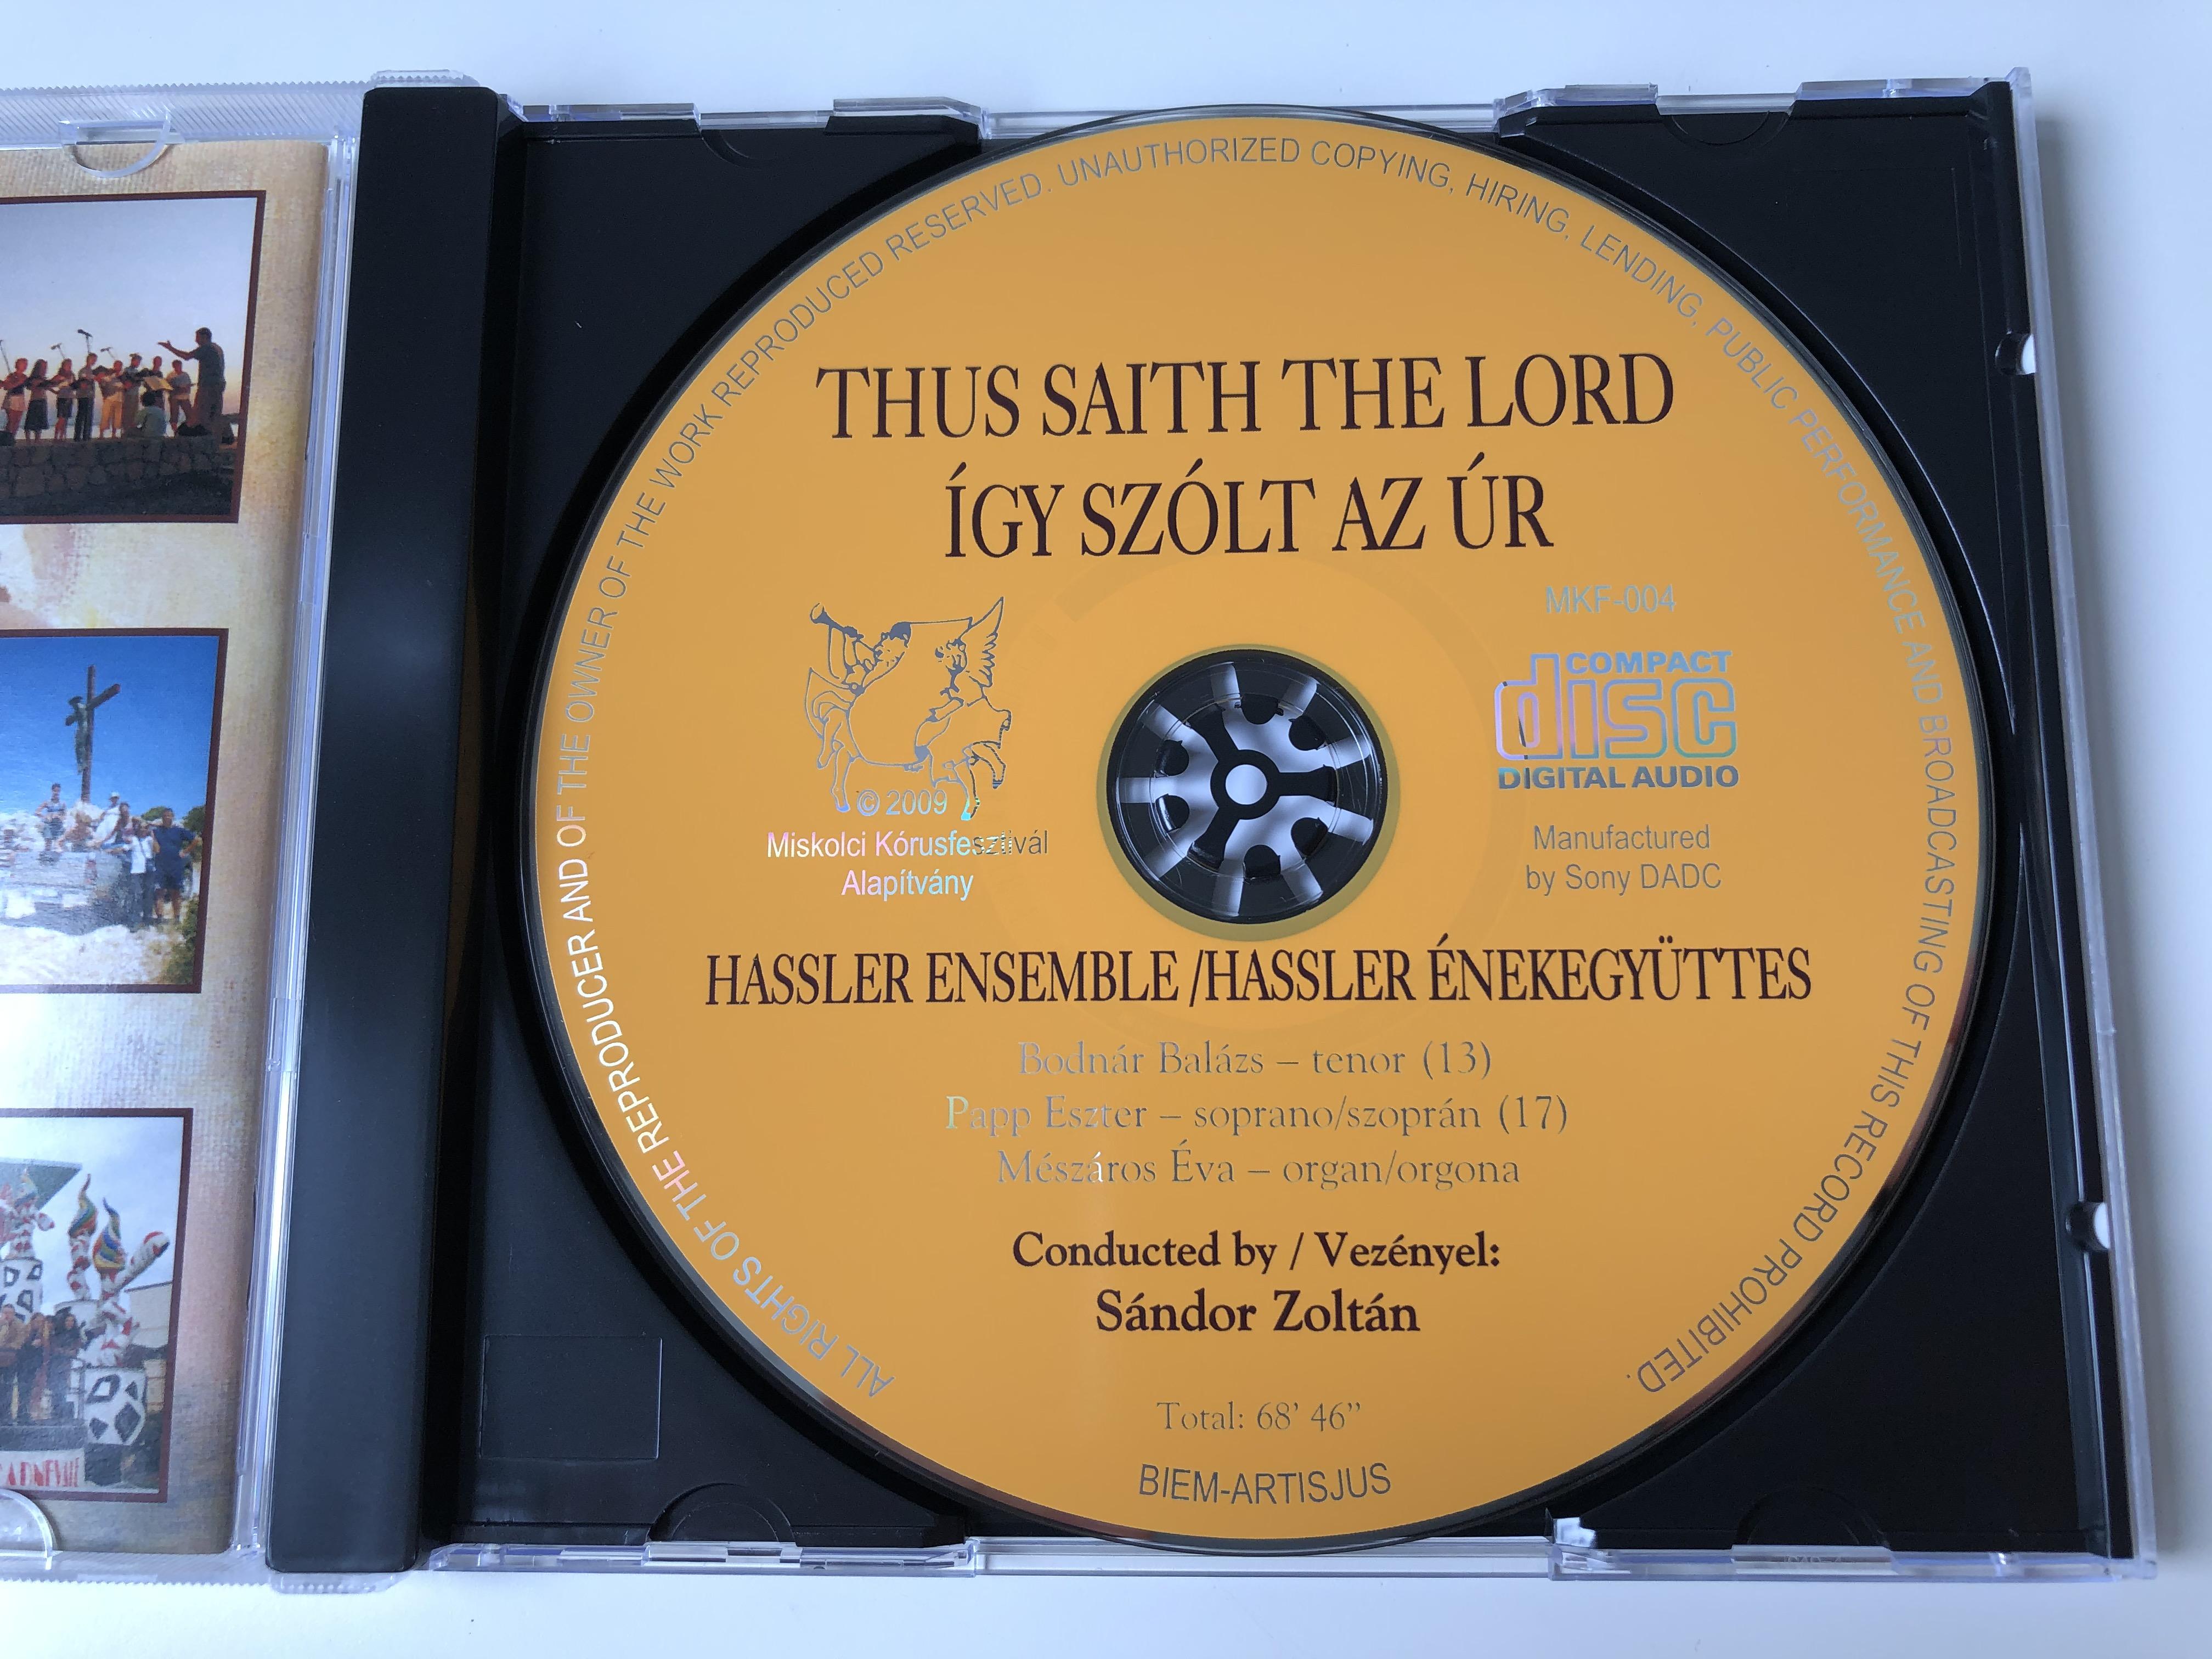 thus-saith-the-lord-igy-szolt-az-ur-hassler-ensemble-hassler-enekgyuttes-miskolci-korusfeszival-alapitvany-audio-cd-2009-mkf-004-12-.jpg